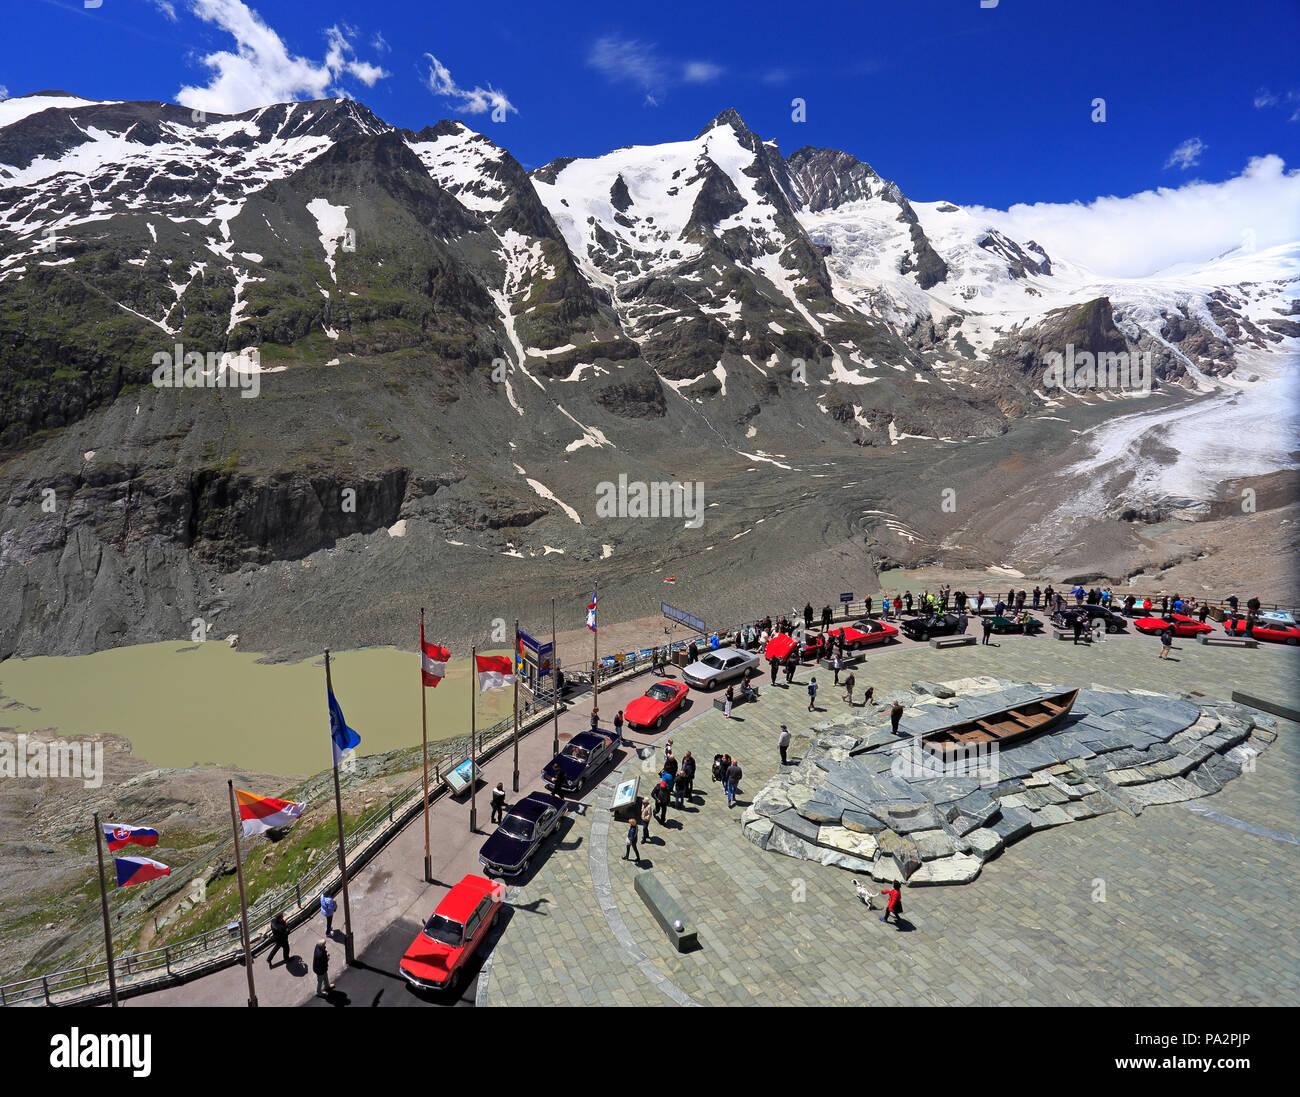 Grossglockner Strada alpina e Centro Visitatori al Kaiser-Franz-Josefs-Hoehe, con il ghiacciaio Pasterze è in background Immagini Stock